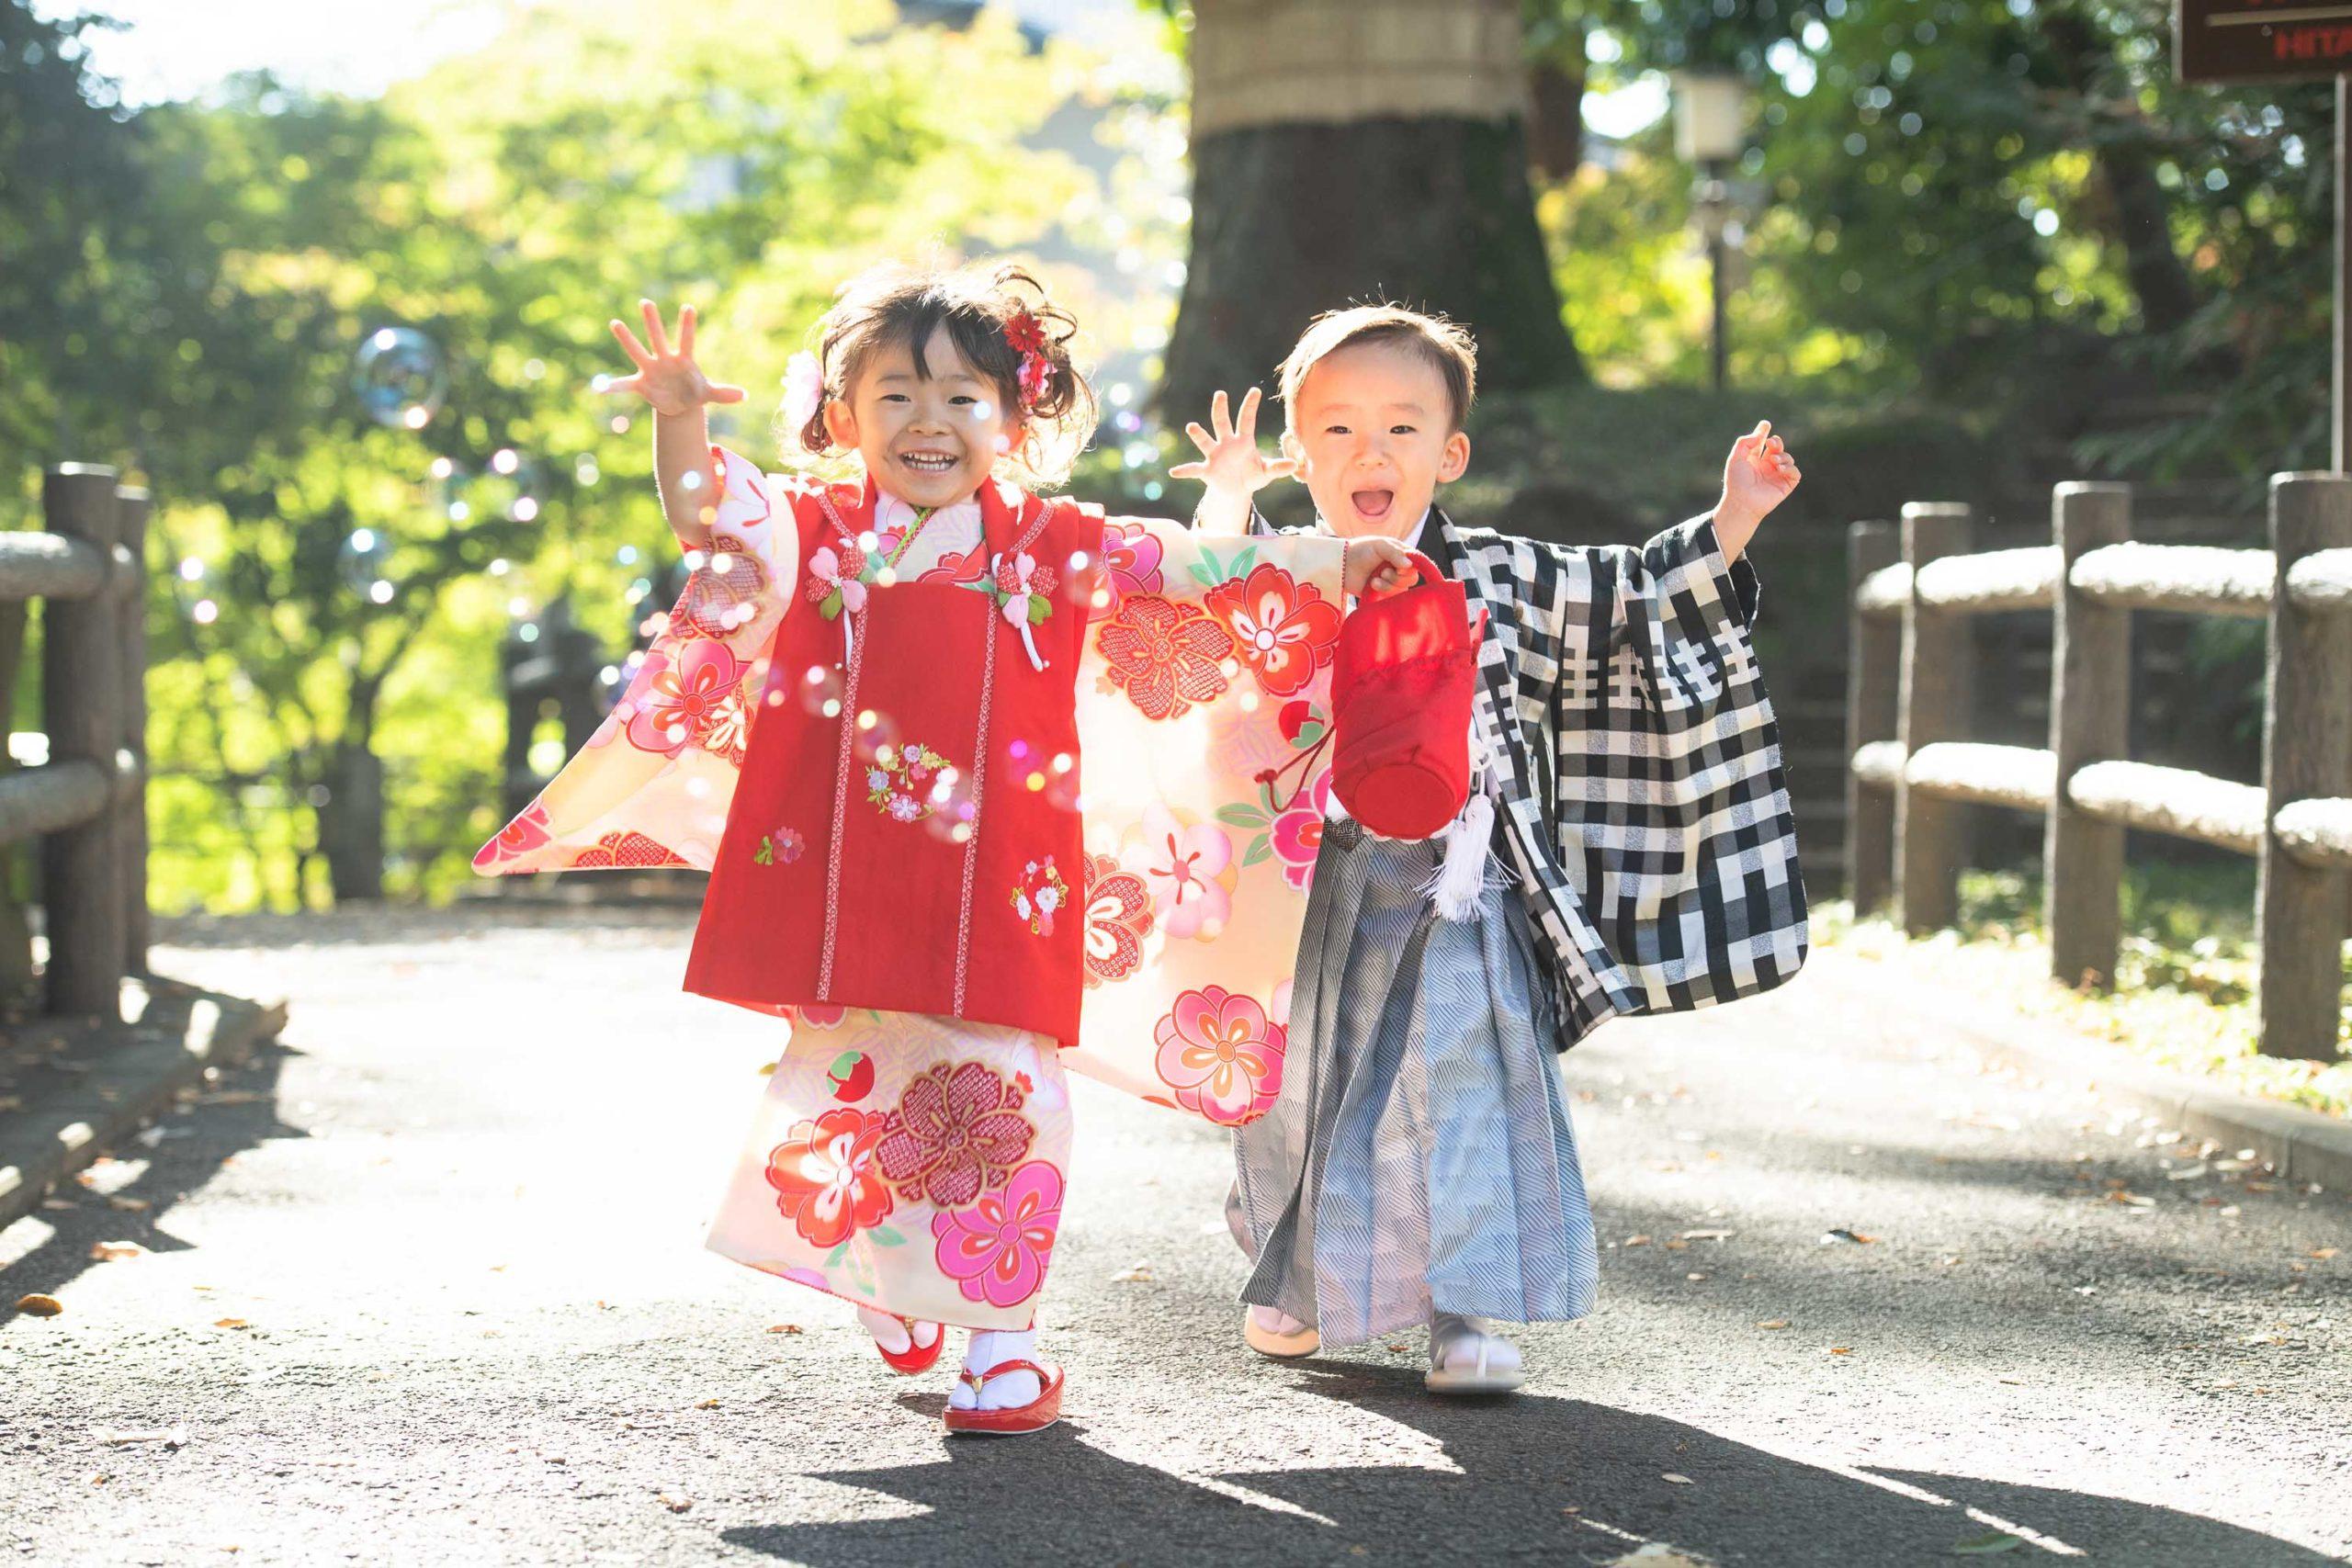 着物を着た3歳の男の子と女の子がシャボン玉を追いかけて走ってくる